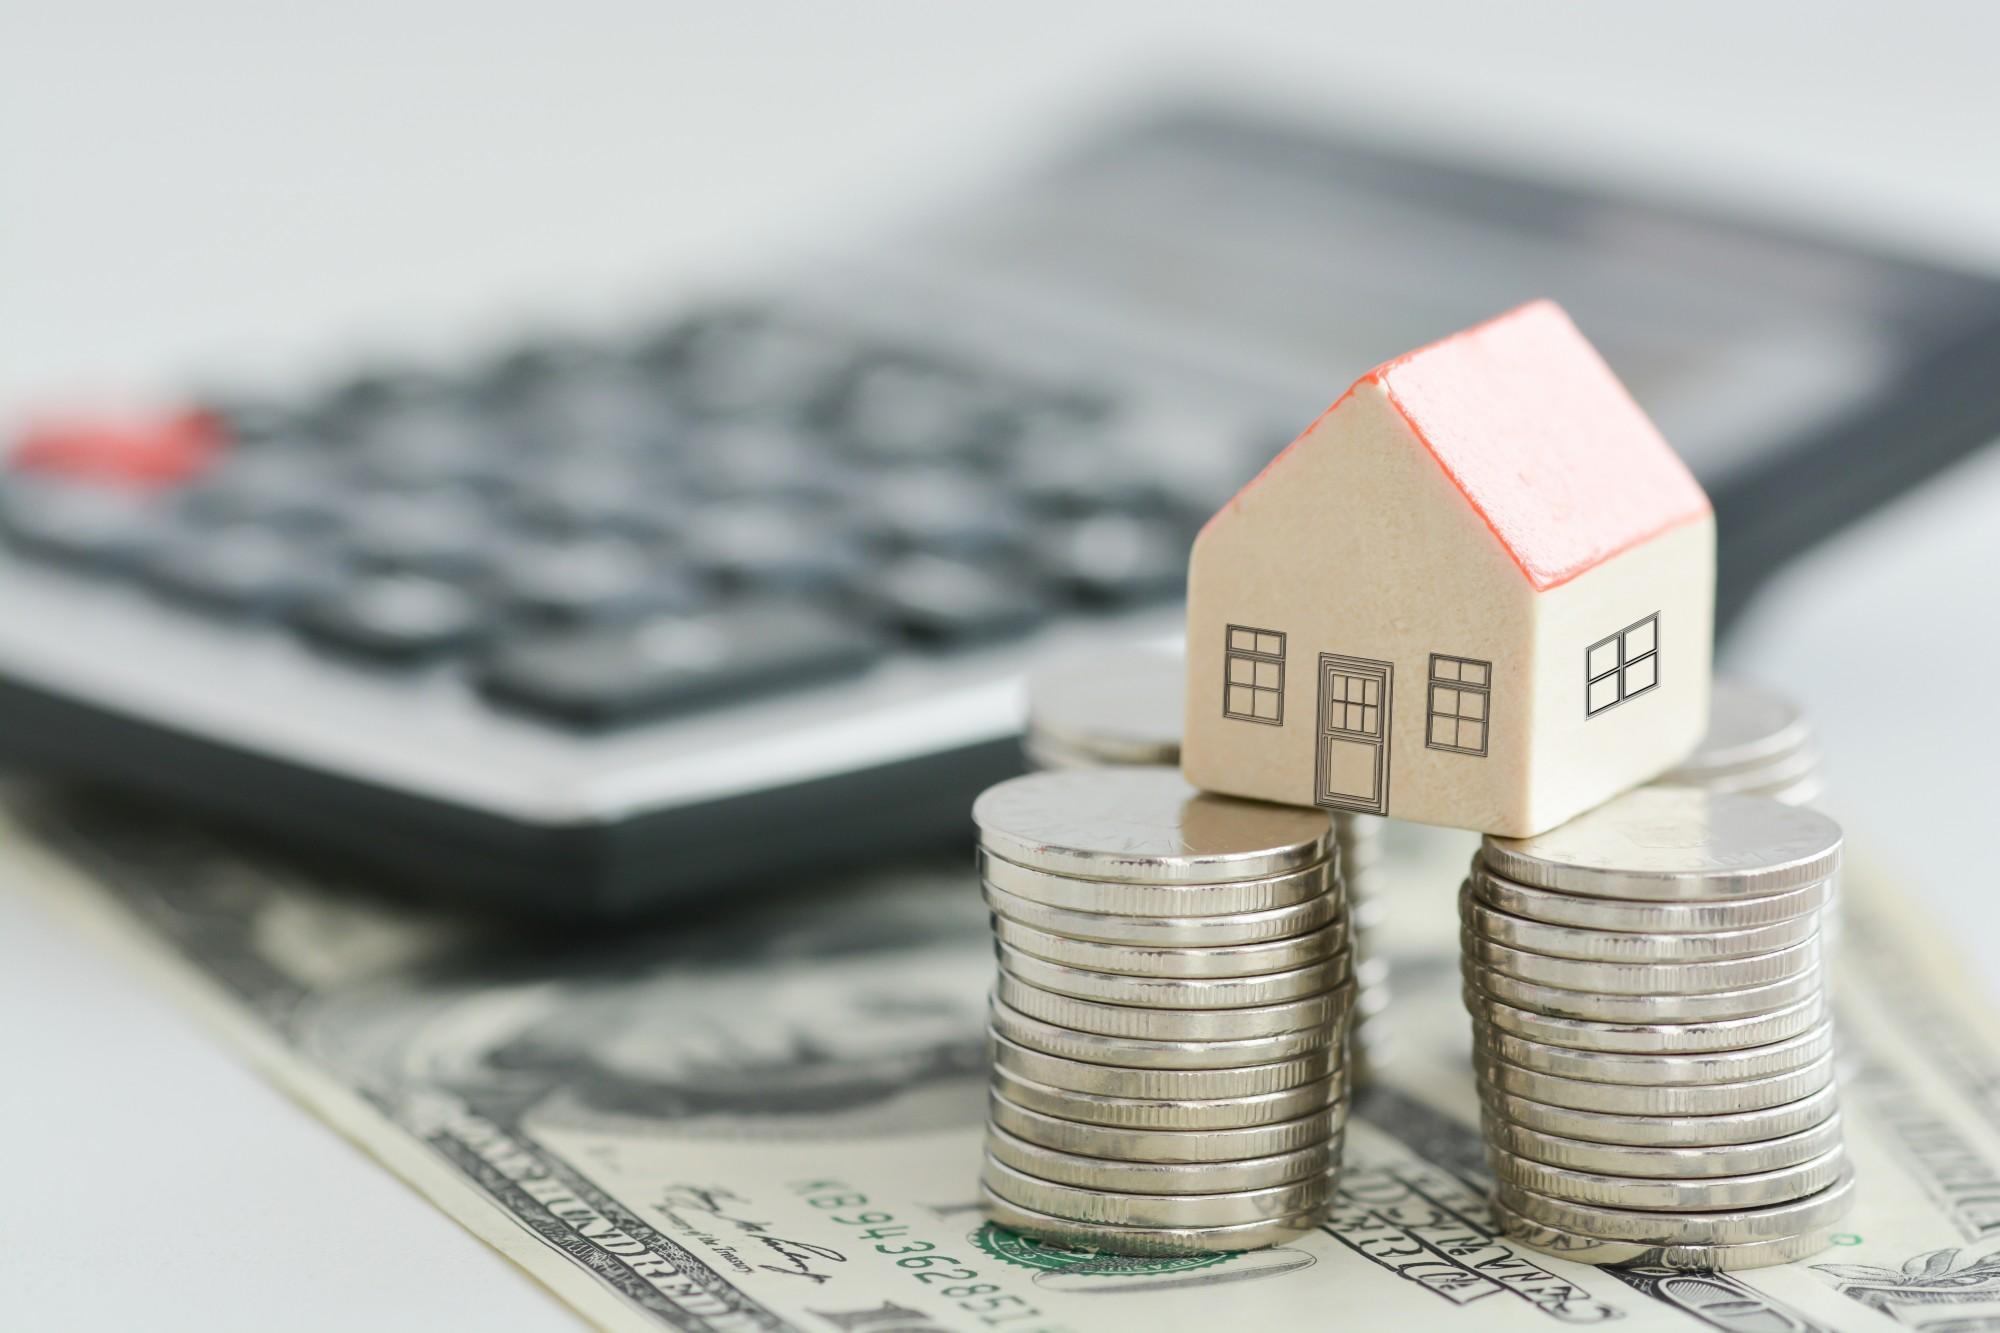 Maison à vendre : Les astuces des pros pour vendre une maison vite et bien